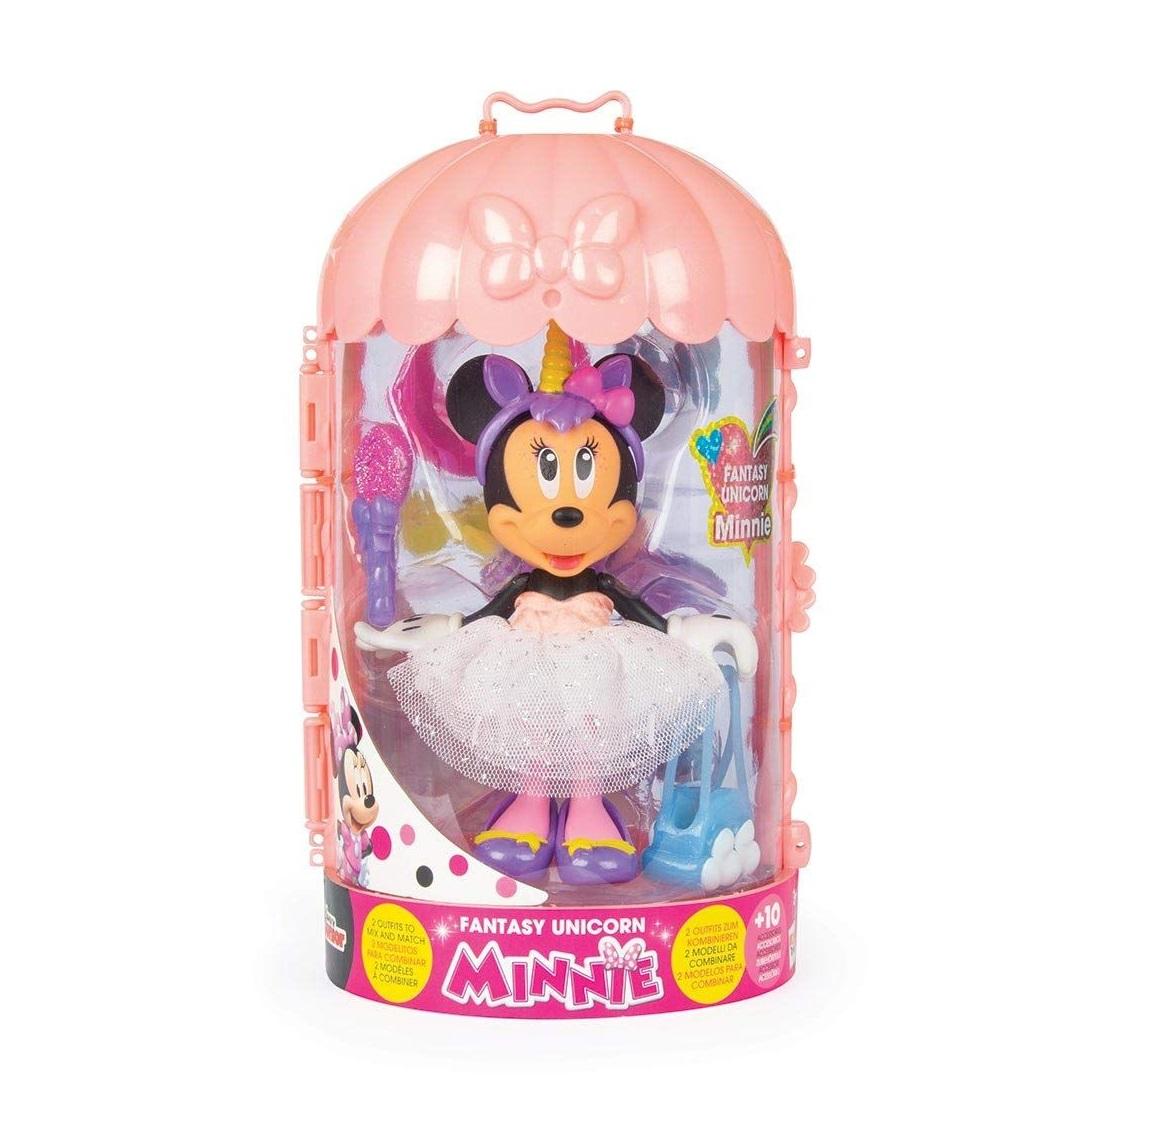 Figurina deluxe cu accesorii Minnie Fashion Doll Fantasy Unicorn